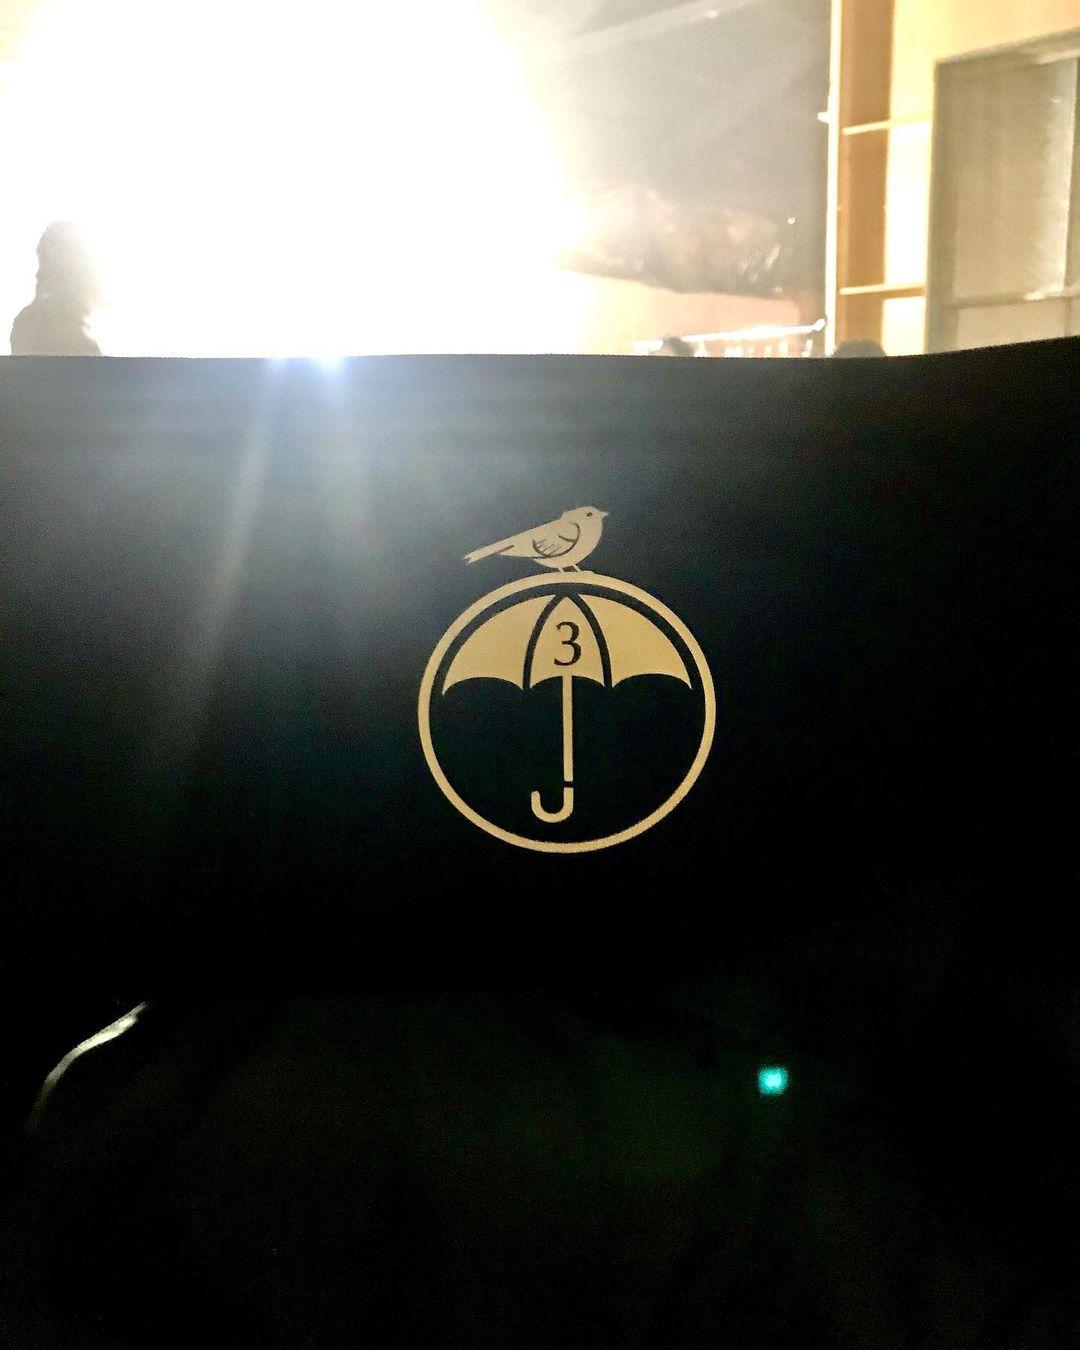 El logotipo de la temporada 3 de The Umbrella Academy. Imagen: Elliot Page Instagram (@elliotpage).